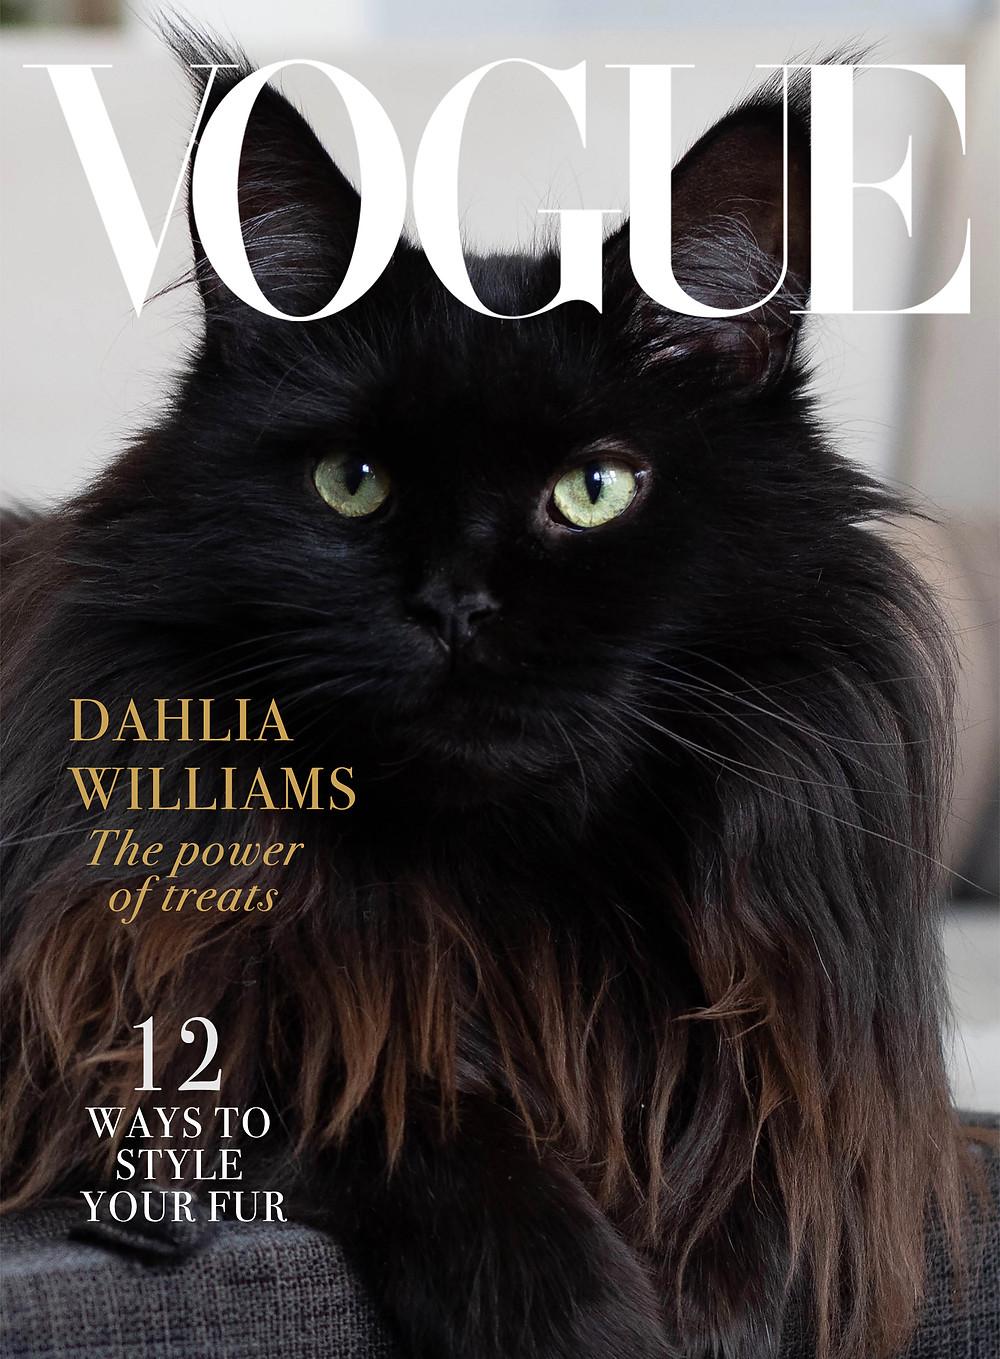 Dahlia from Chicago Black Cat Vogue cover 1